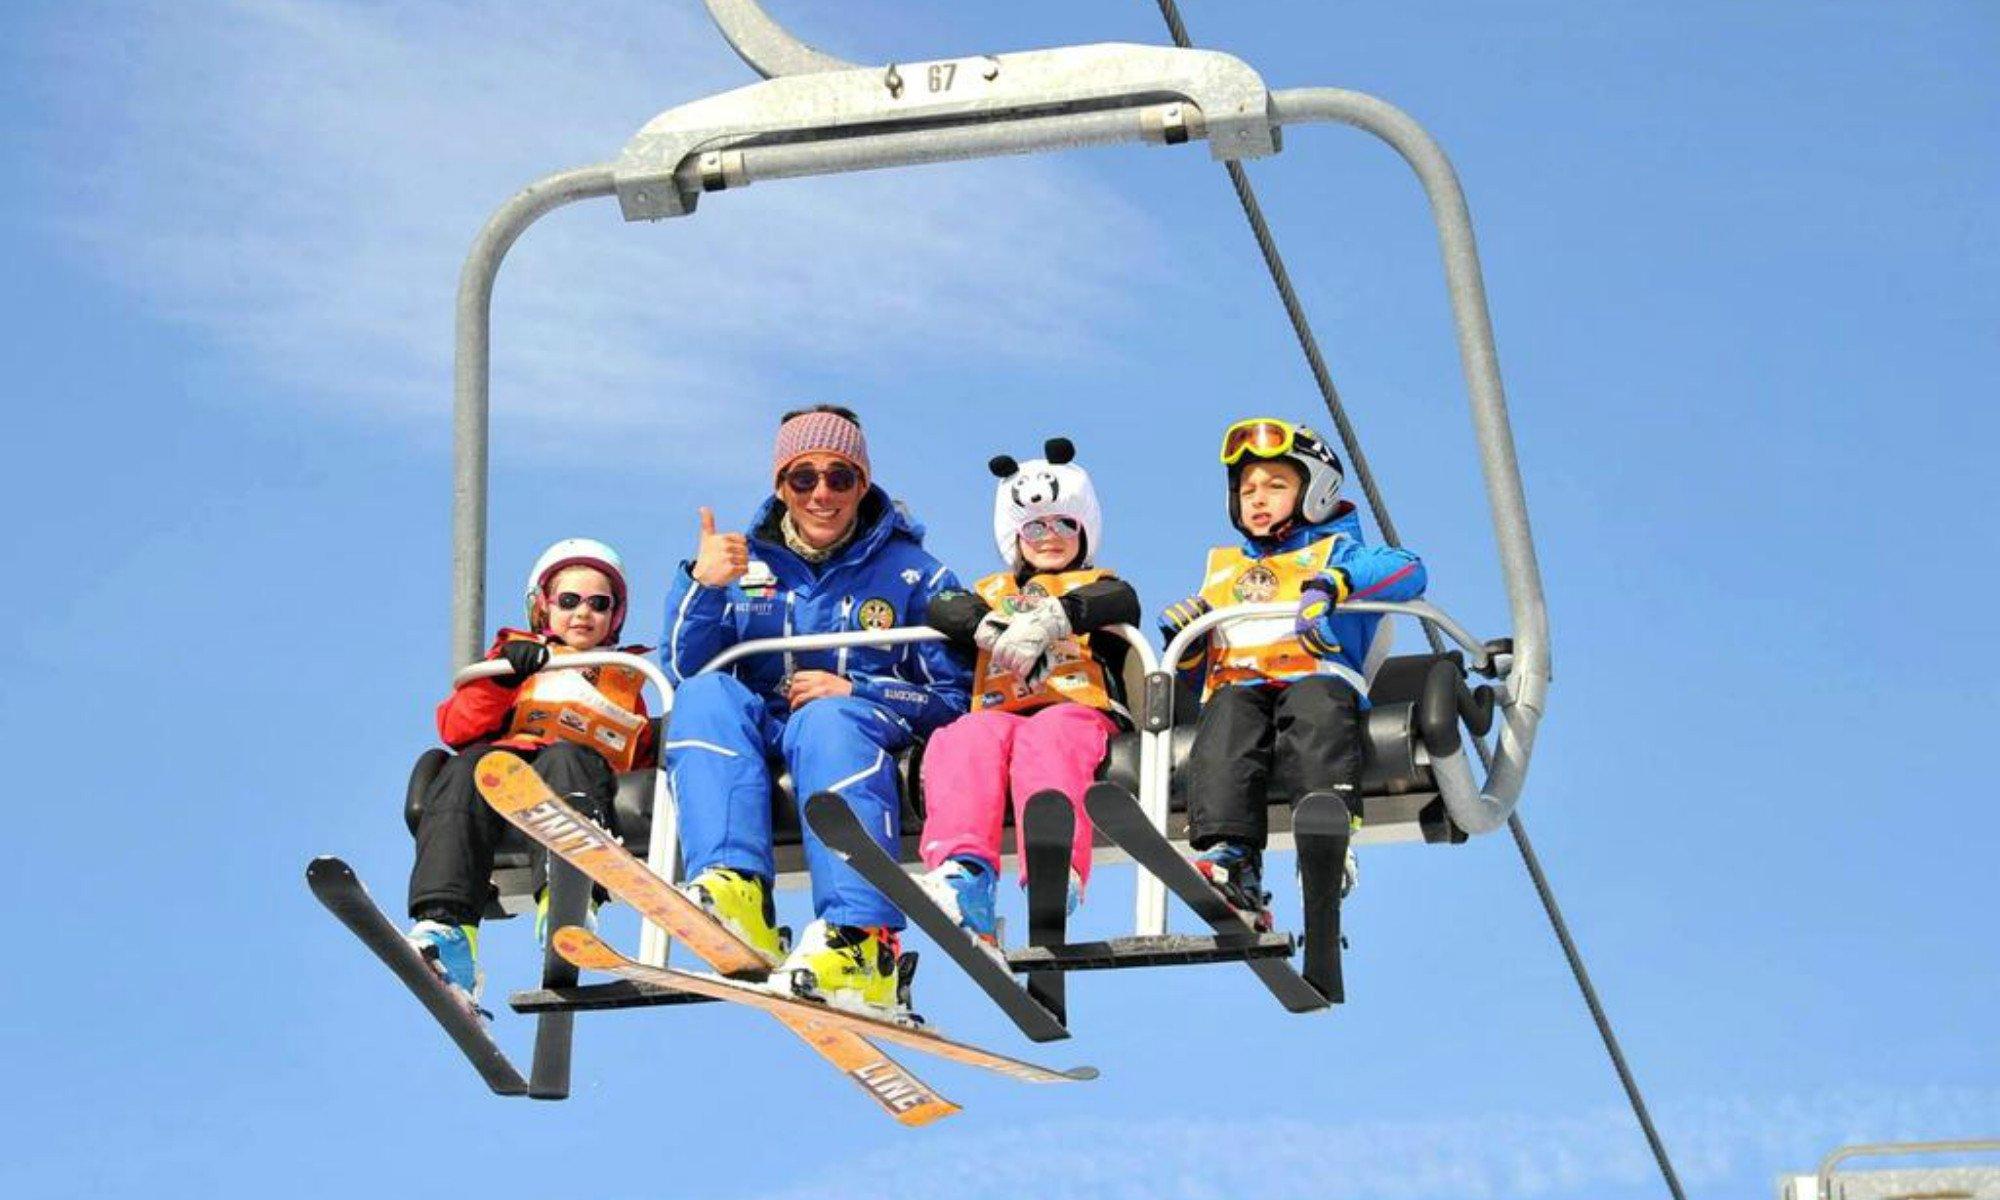 Un istruttore di sci e 3 piccoli allievi sorridono verso la macchina fotografica mentre sono sullo skilift.